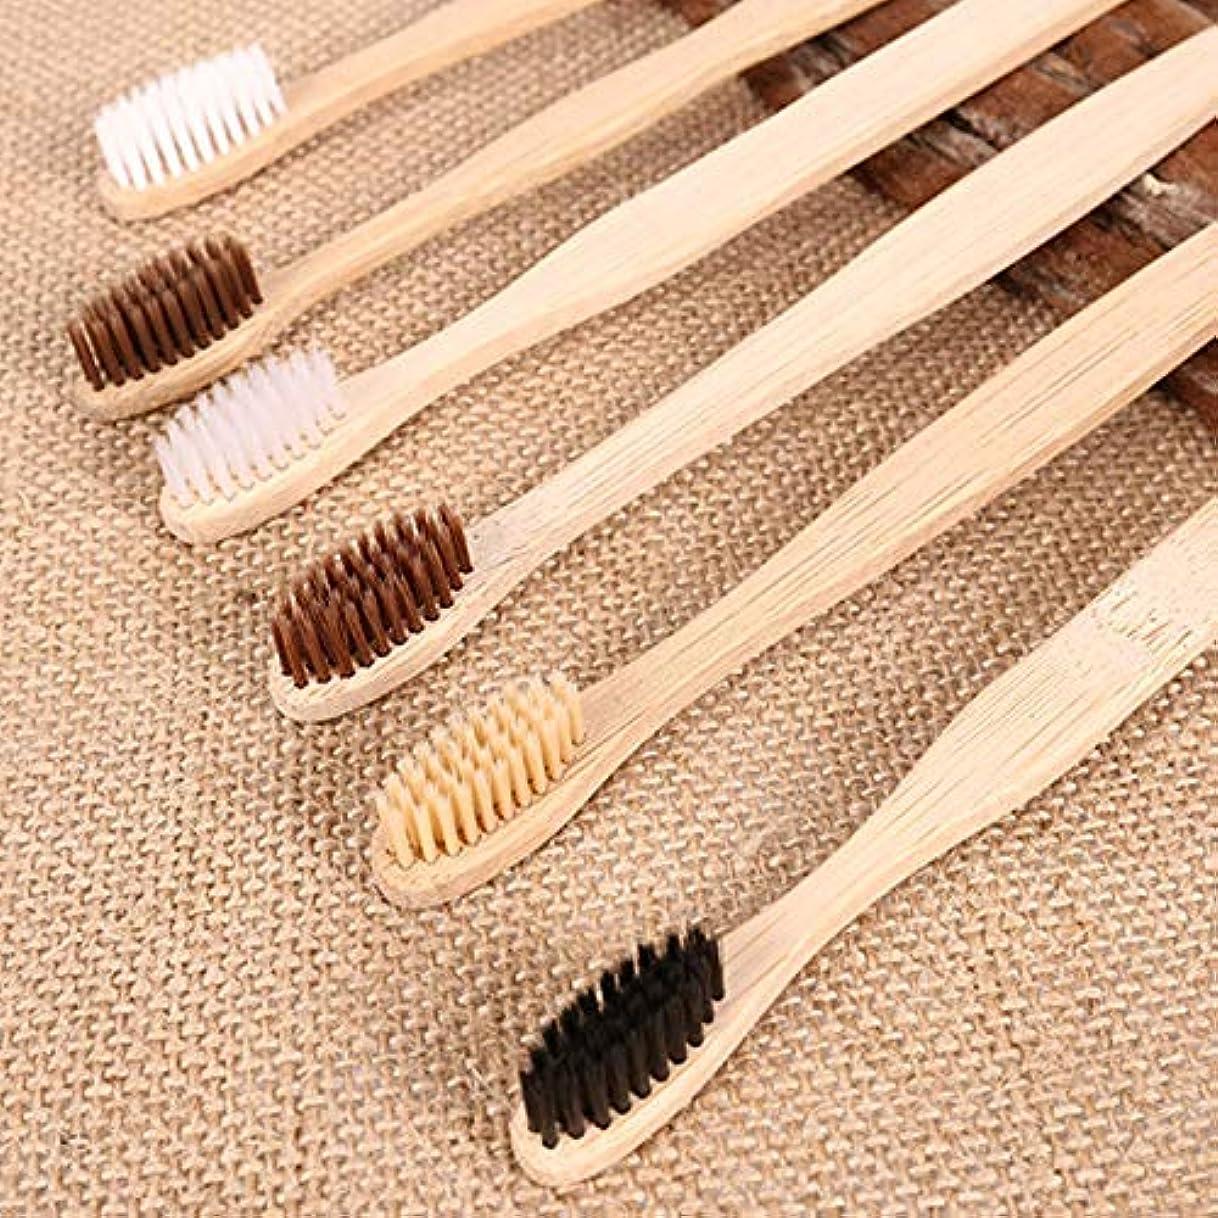 スクワイア傘元に戻すDC 木製歯ブラシ 使い捨て 歯ブラシ ホテル用 業務用 出張 旅行 温泉旅行用品